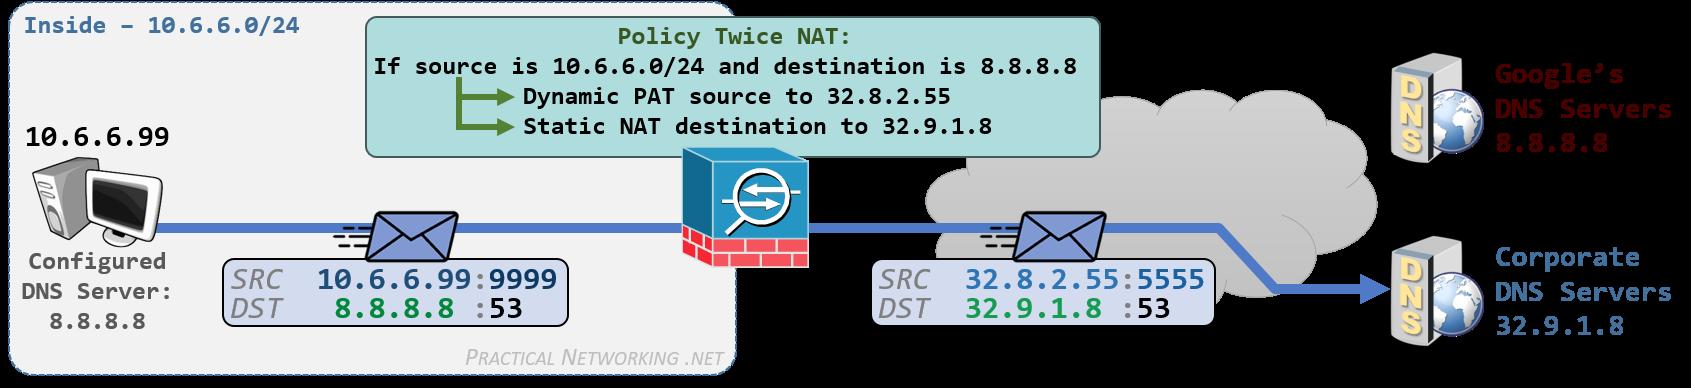 Cisco ASA NAT - Configuring Twice NAT with Manual NAT